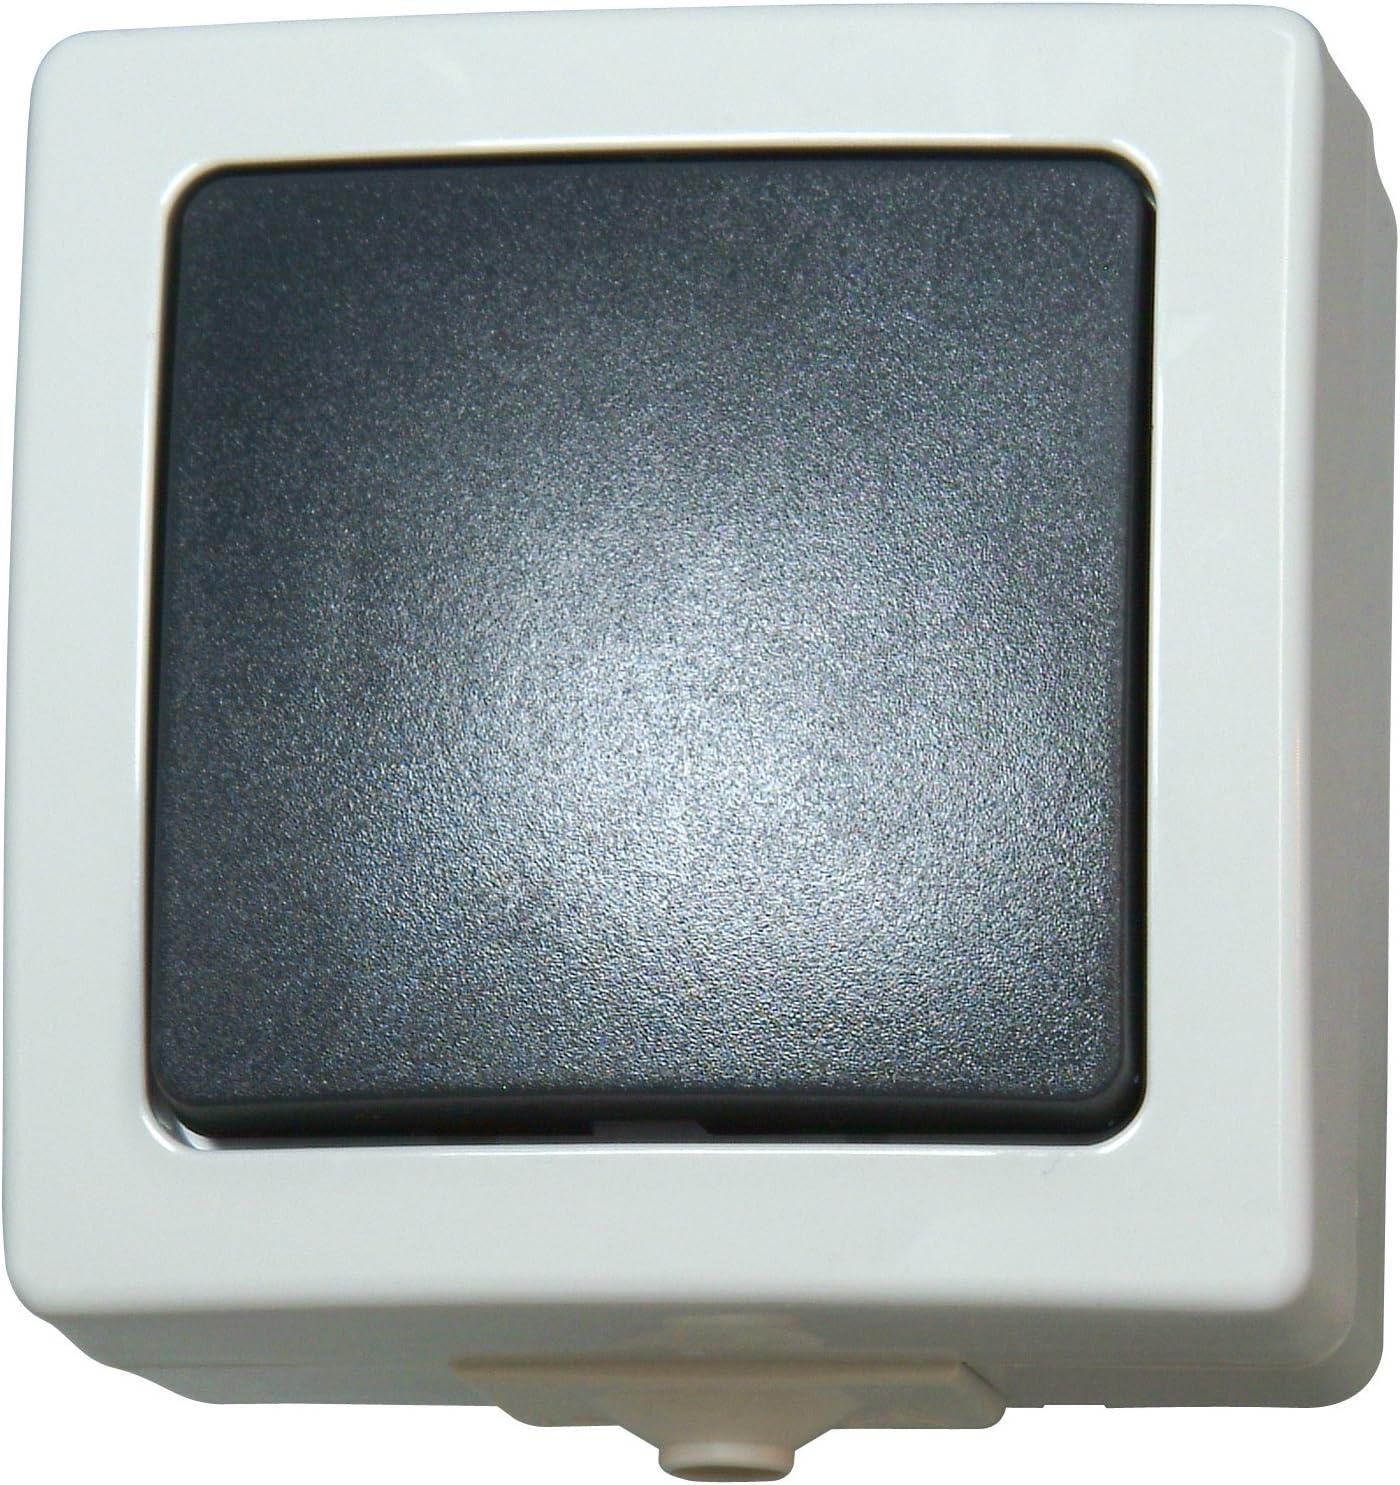 IP44 10A Aus- und Wechselschalter grau 250V grau /& Nautic Universalschalter Kopp Nautic Steckdose und Schalter Kombination f/ür Feuchtraum IP44 16A Aufputz Schutzkontakt Aufputz,250V